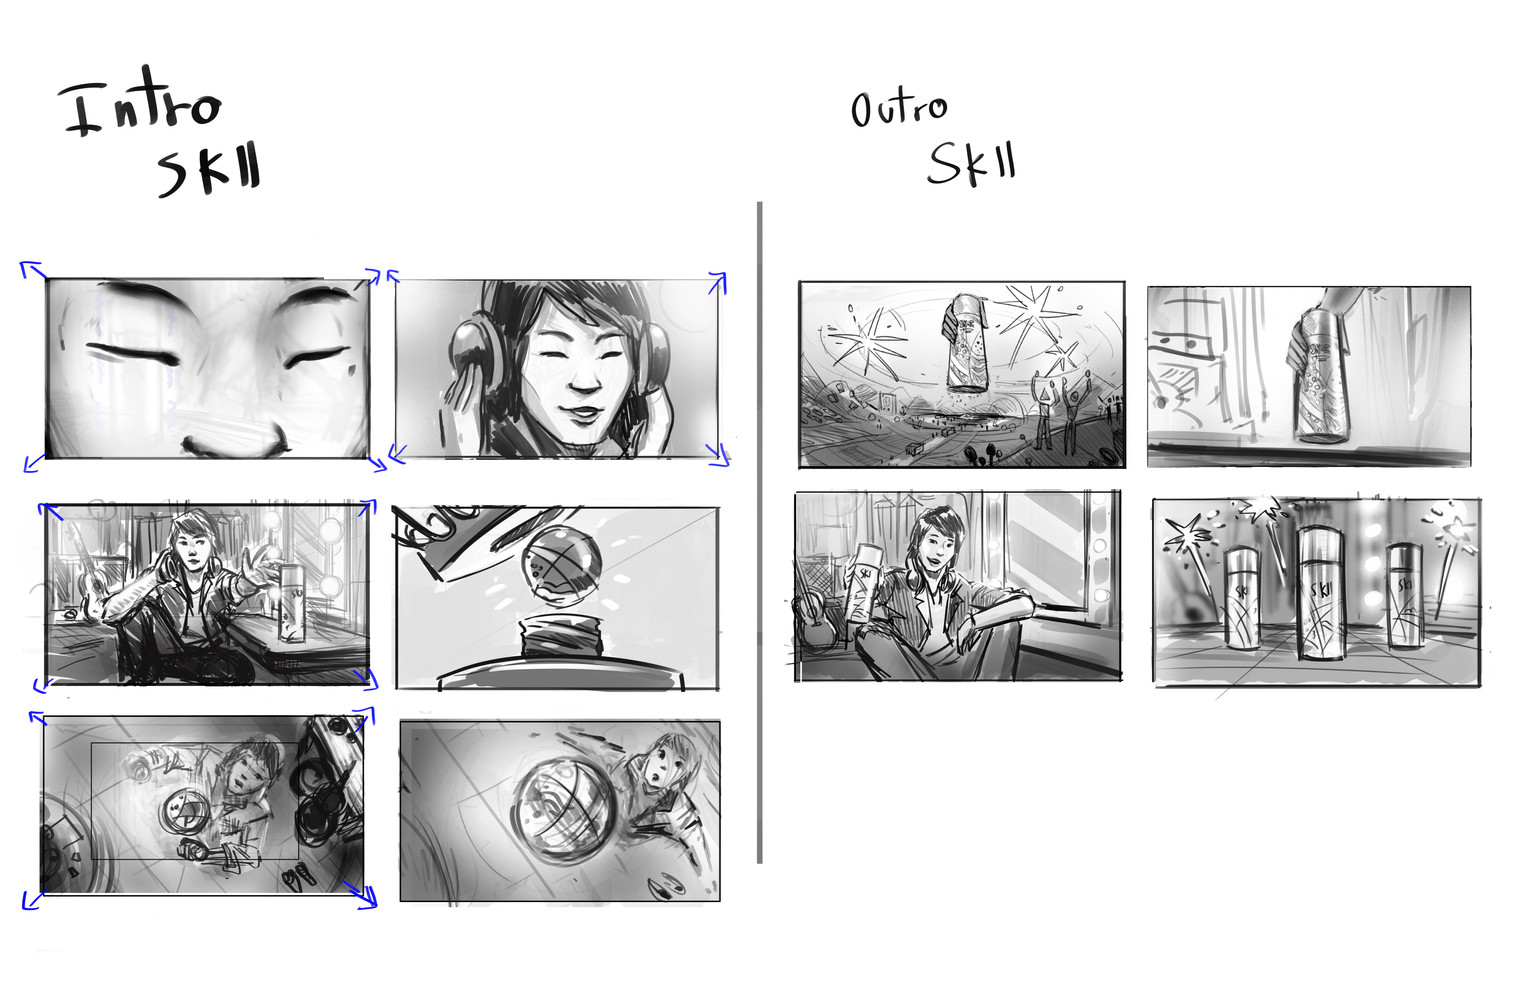 skii_SB_intro-outro_05.jpg